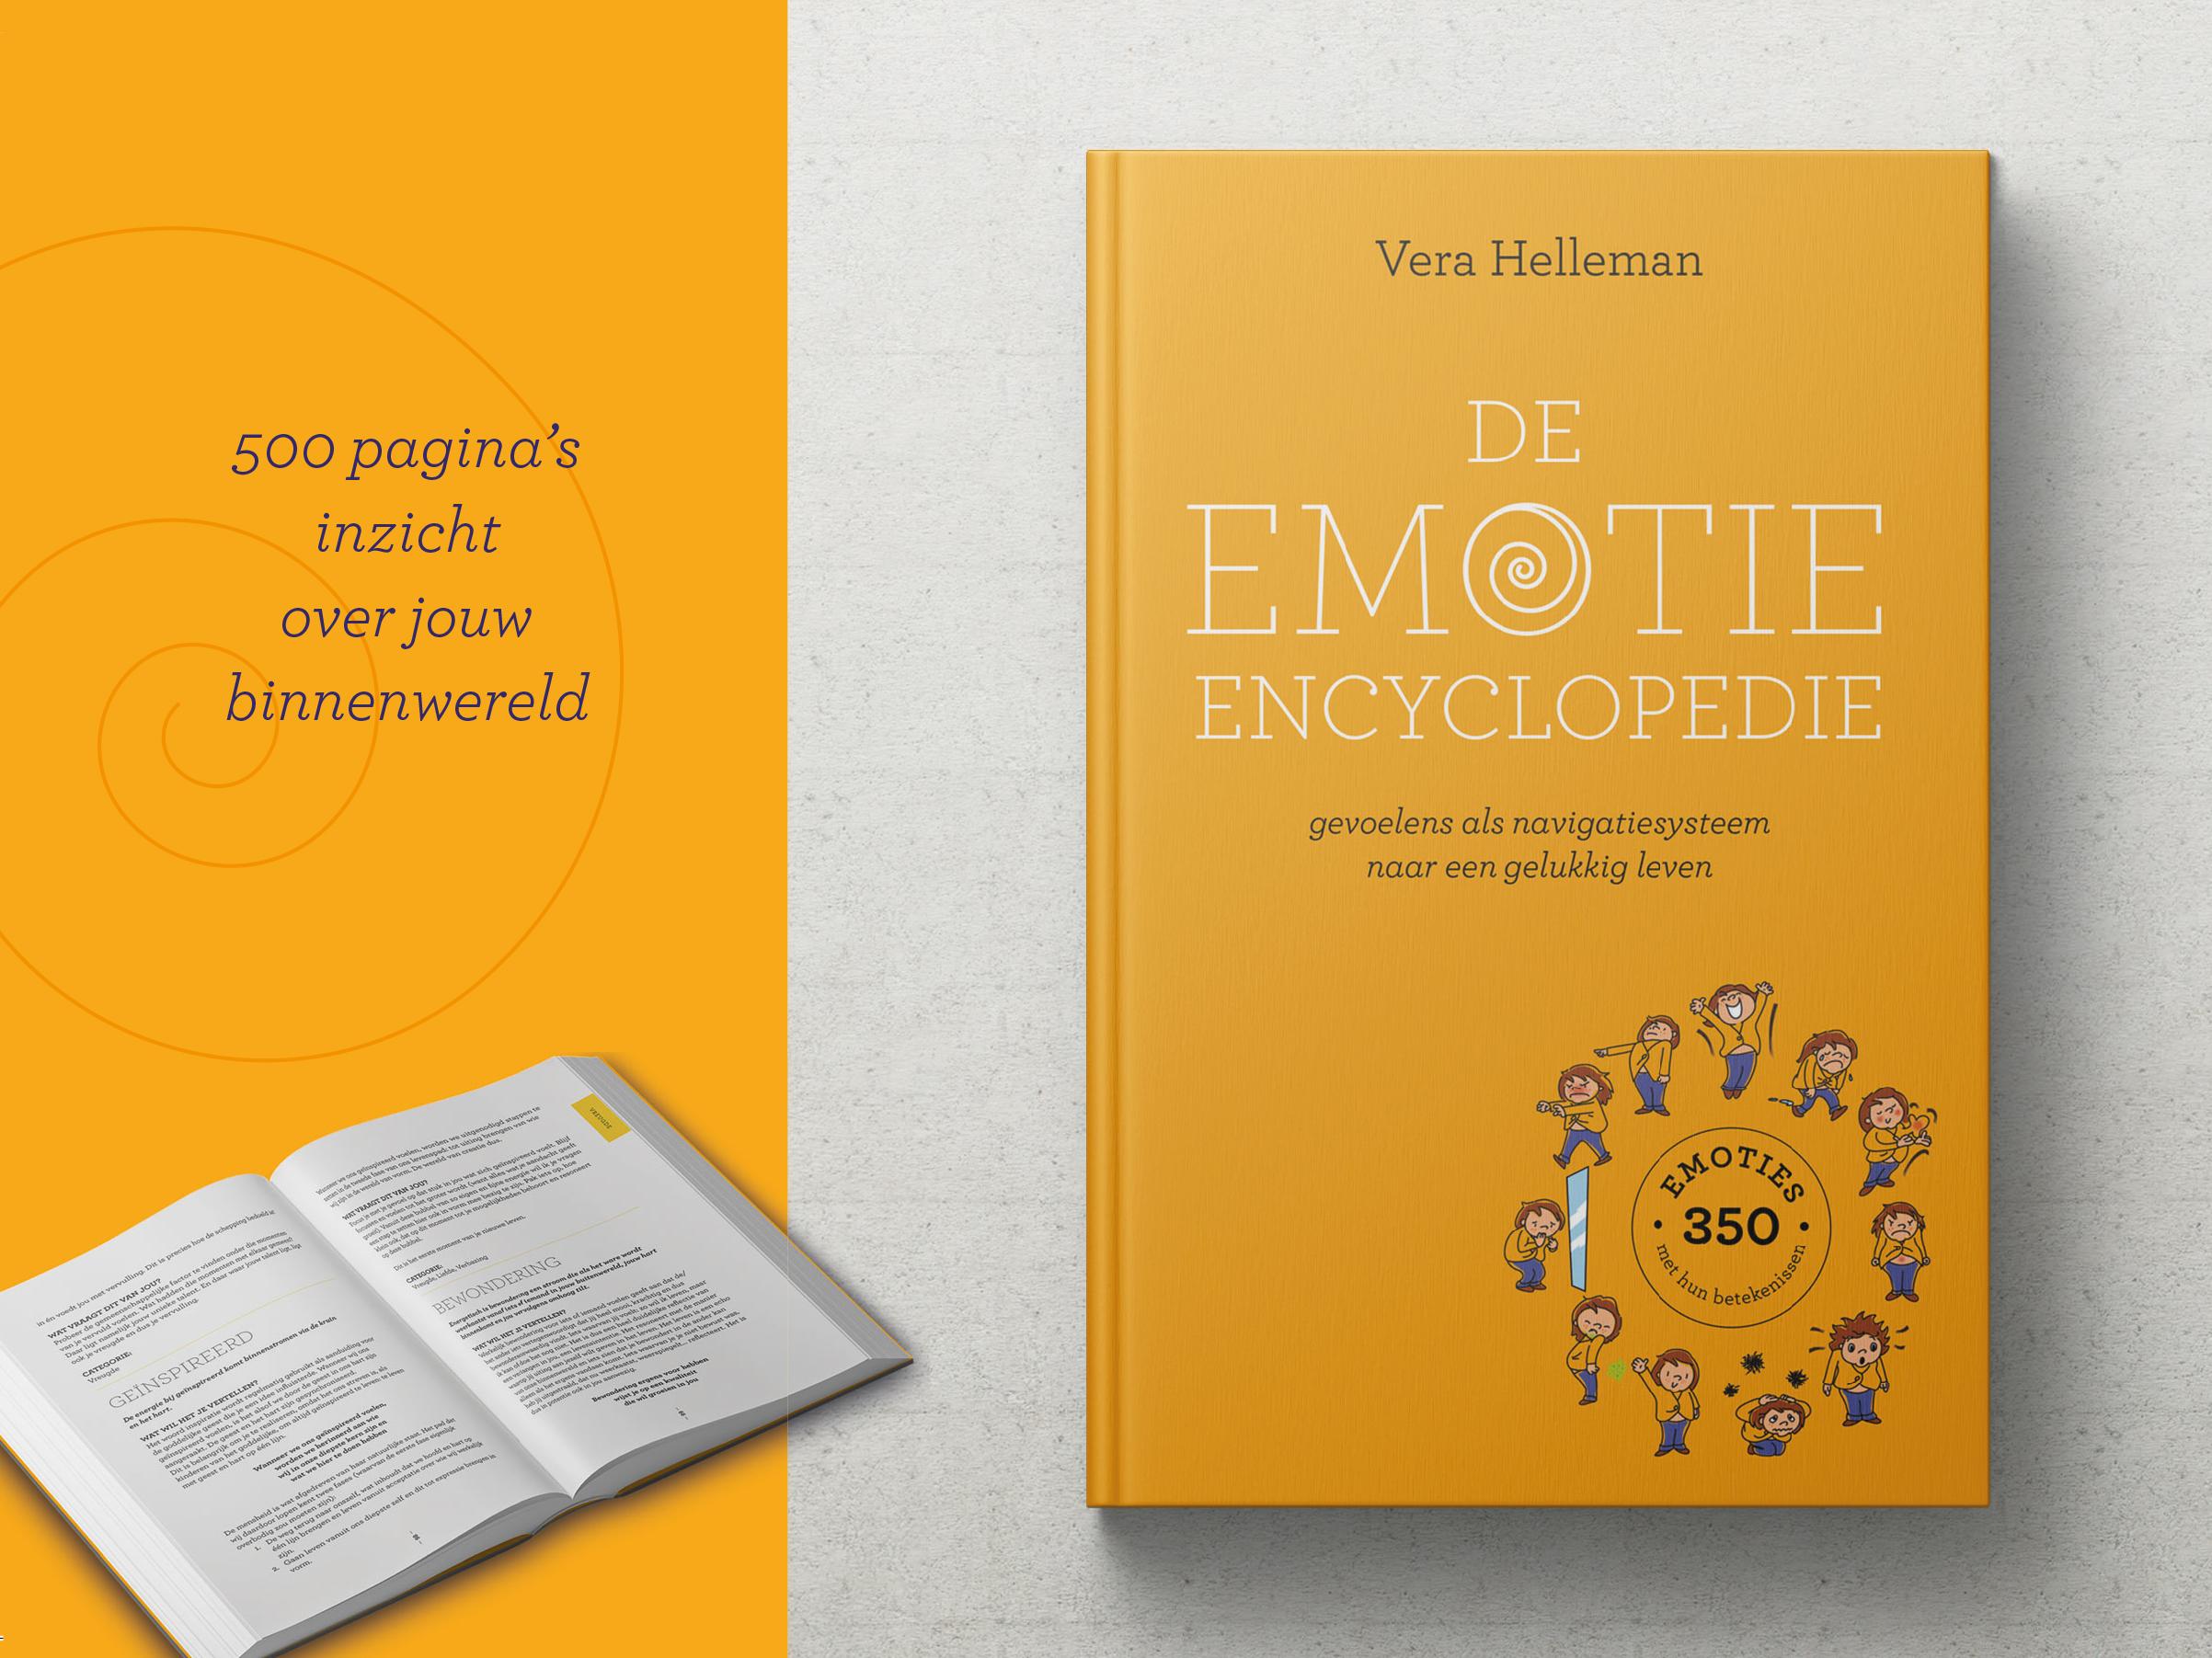 Emotie encyclopedie leaflet